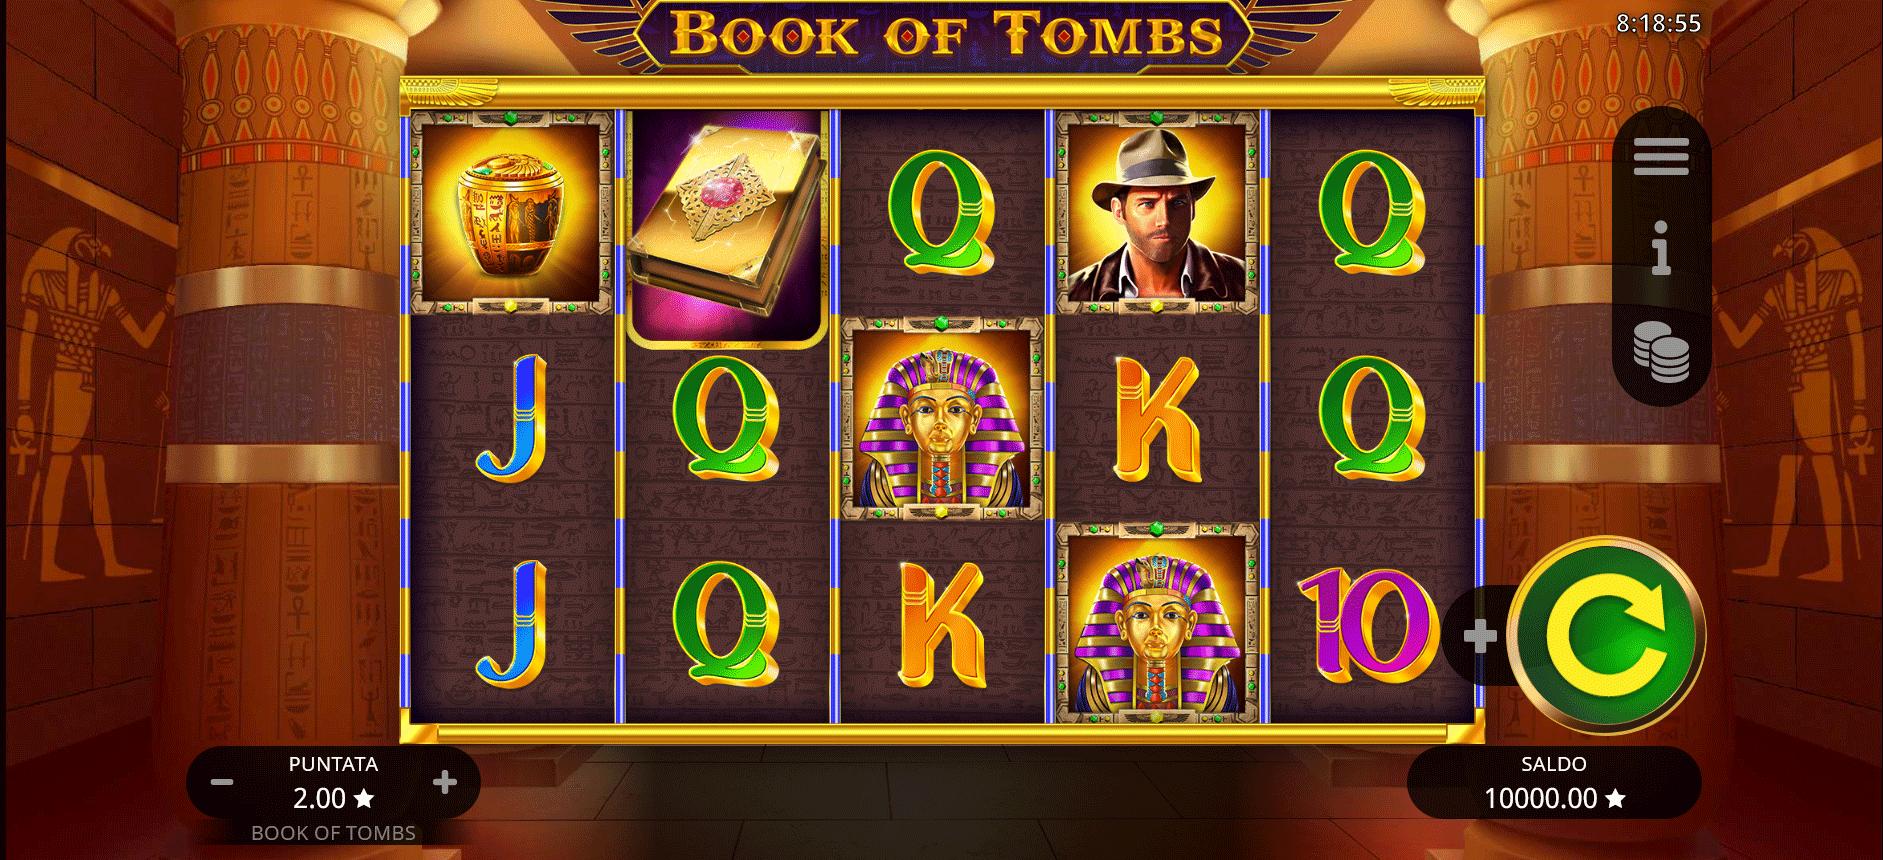 Book of Tombs Gratis